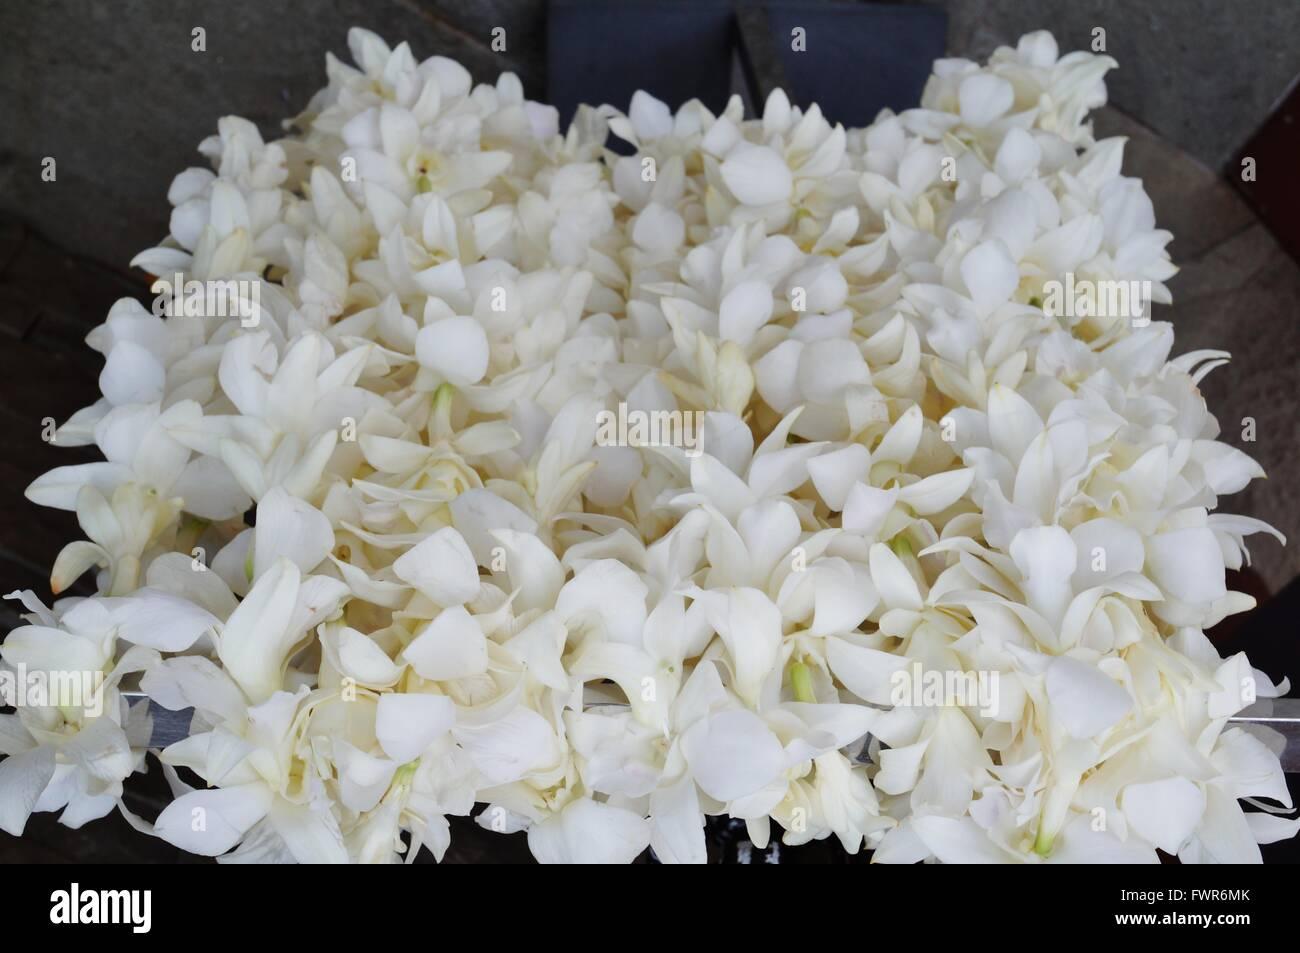 Tuberose Flower Stock Photos Tuberose Flower Stock Images Alamy